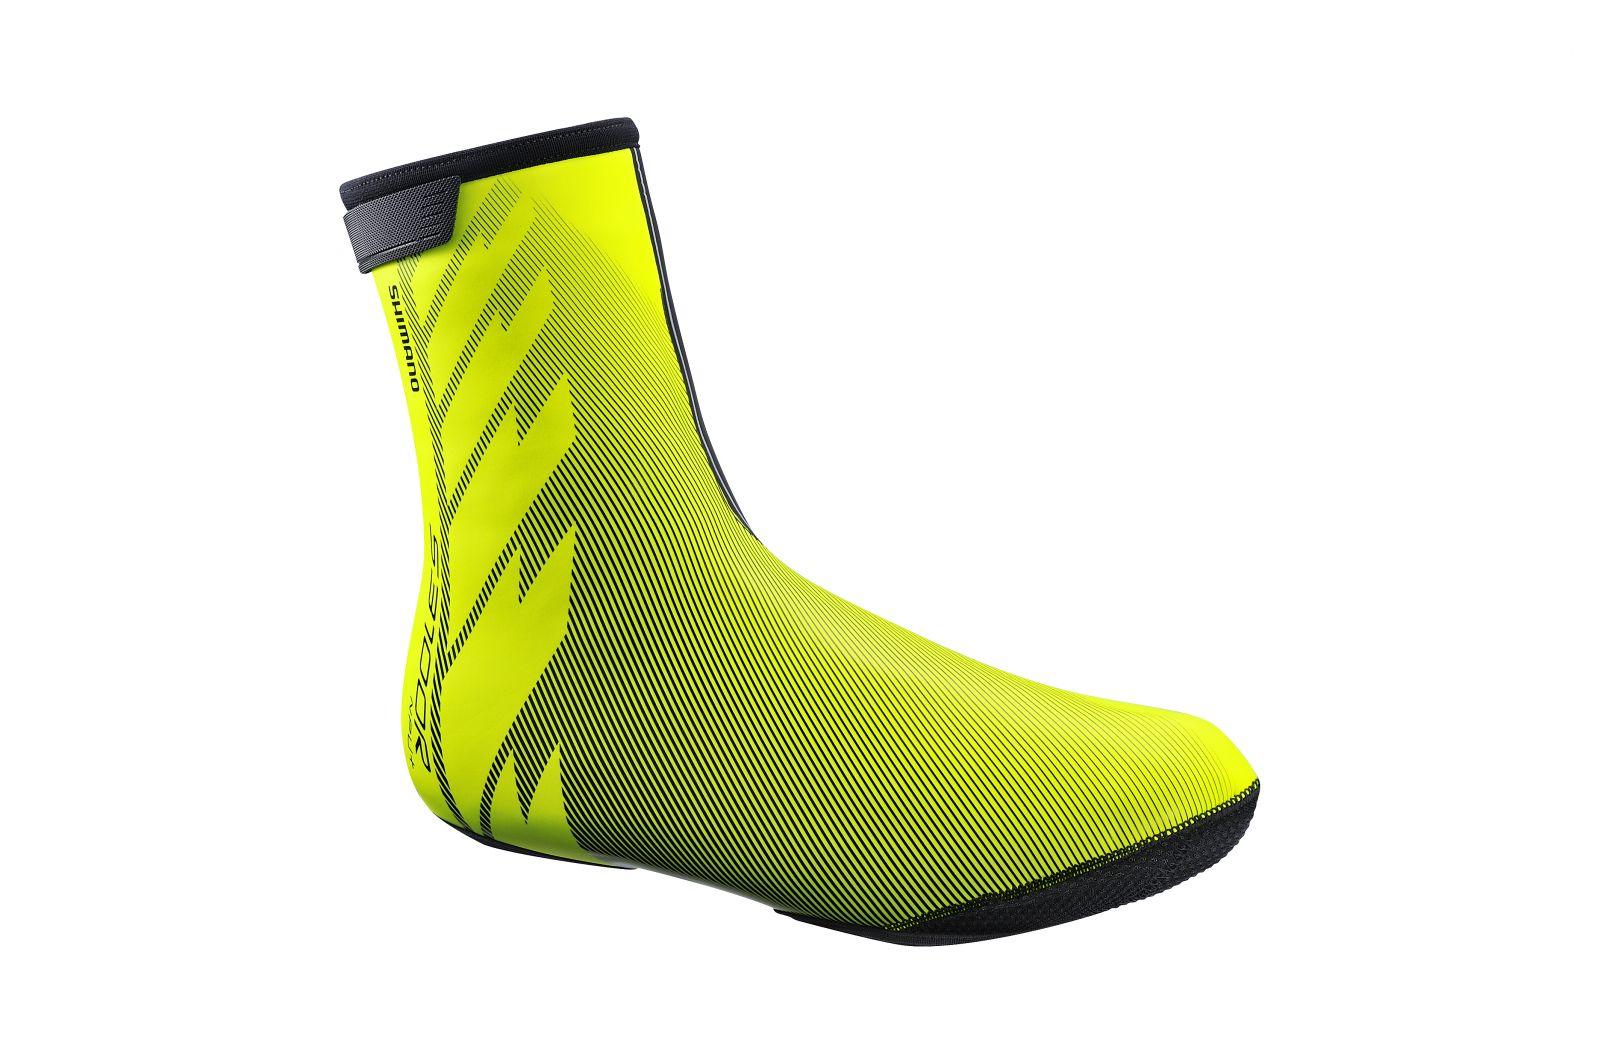 SHIMANO S3100R NPU+ návleky na obuv, Neon žlutá, M